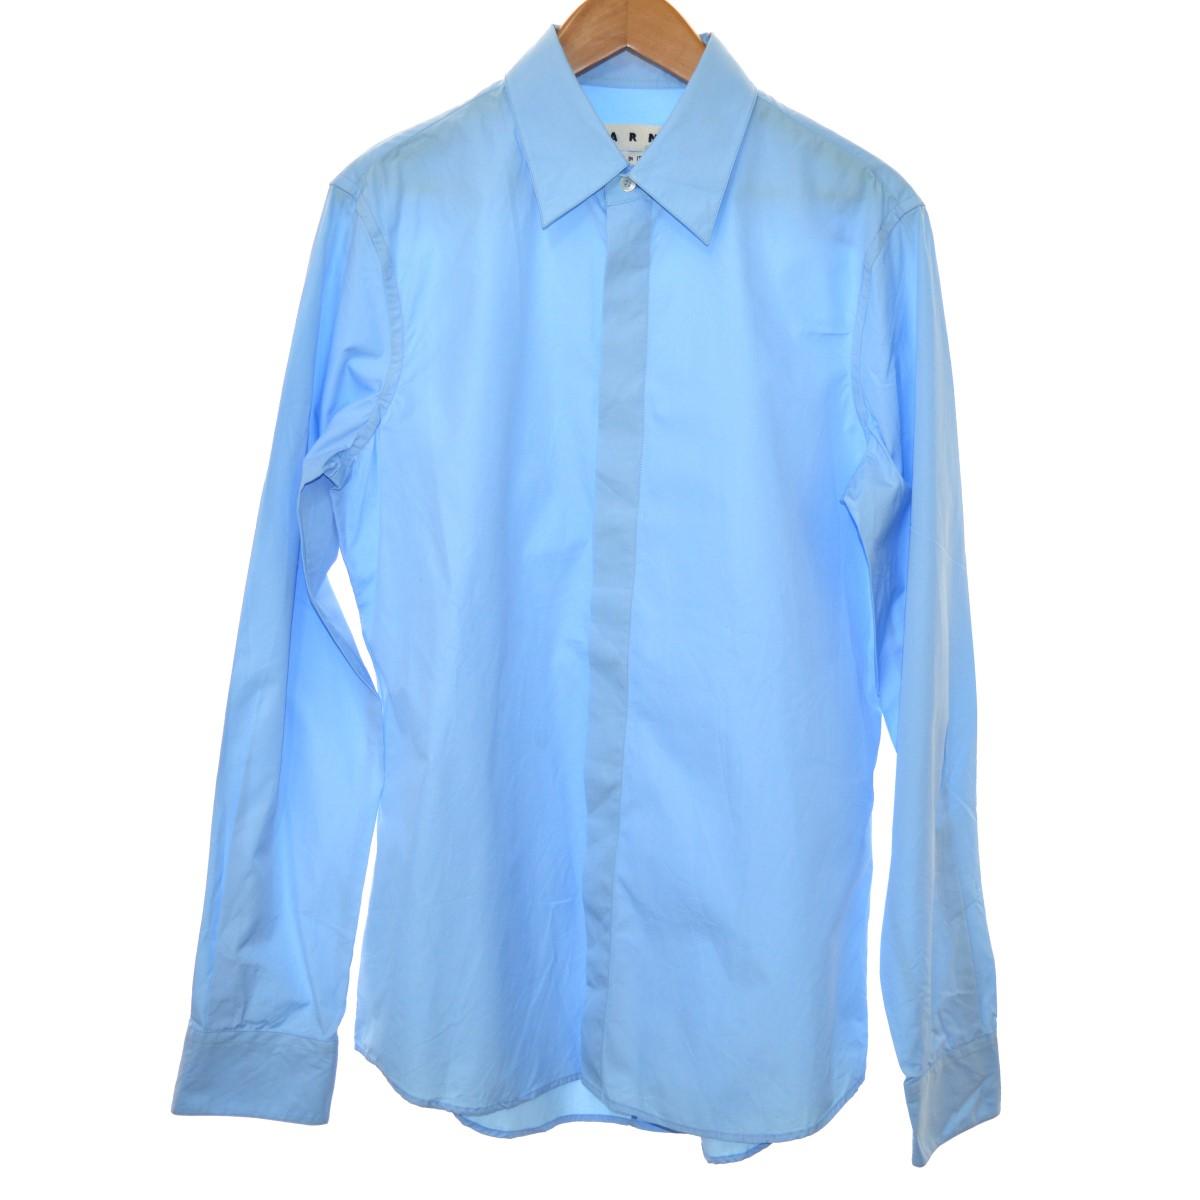 【中古】MARNI 17SS ドレスシャツ スカイブルー サイズ:50 【080320】(マルニ)